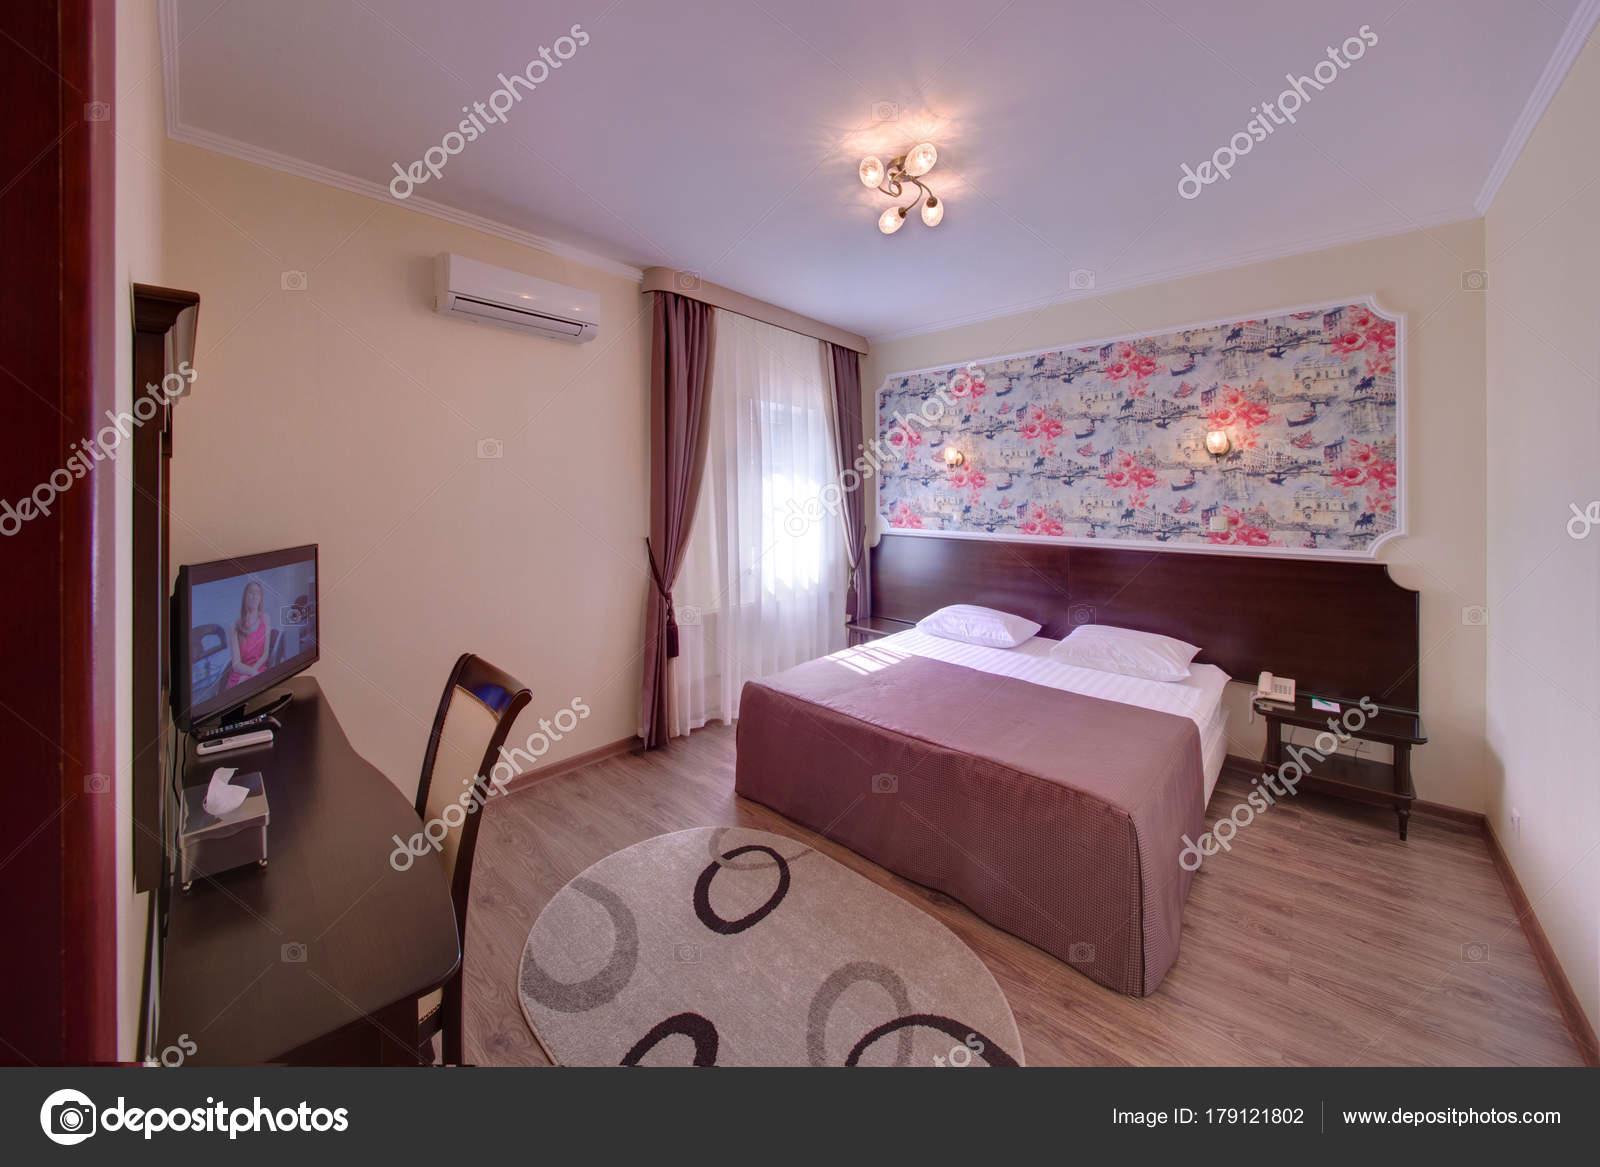 Slaapkamer Donkere Vloer : Slaapkamer met een donkere bed een tapijt een vloer een